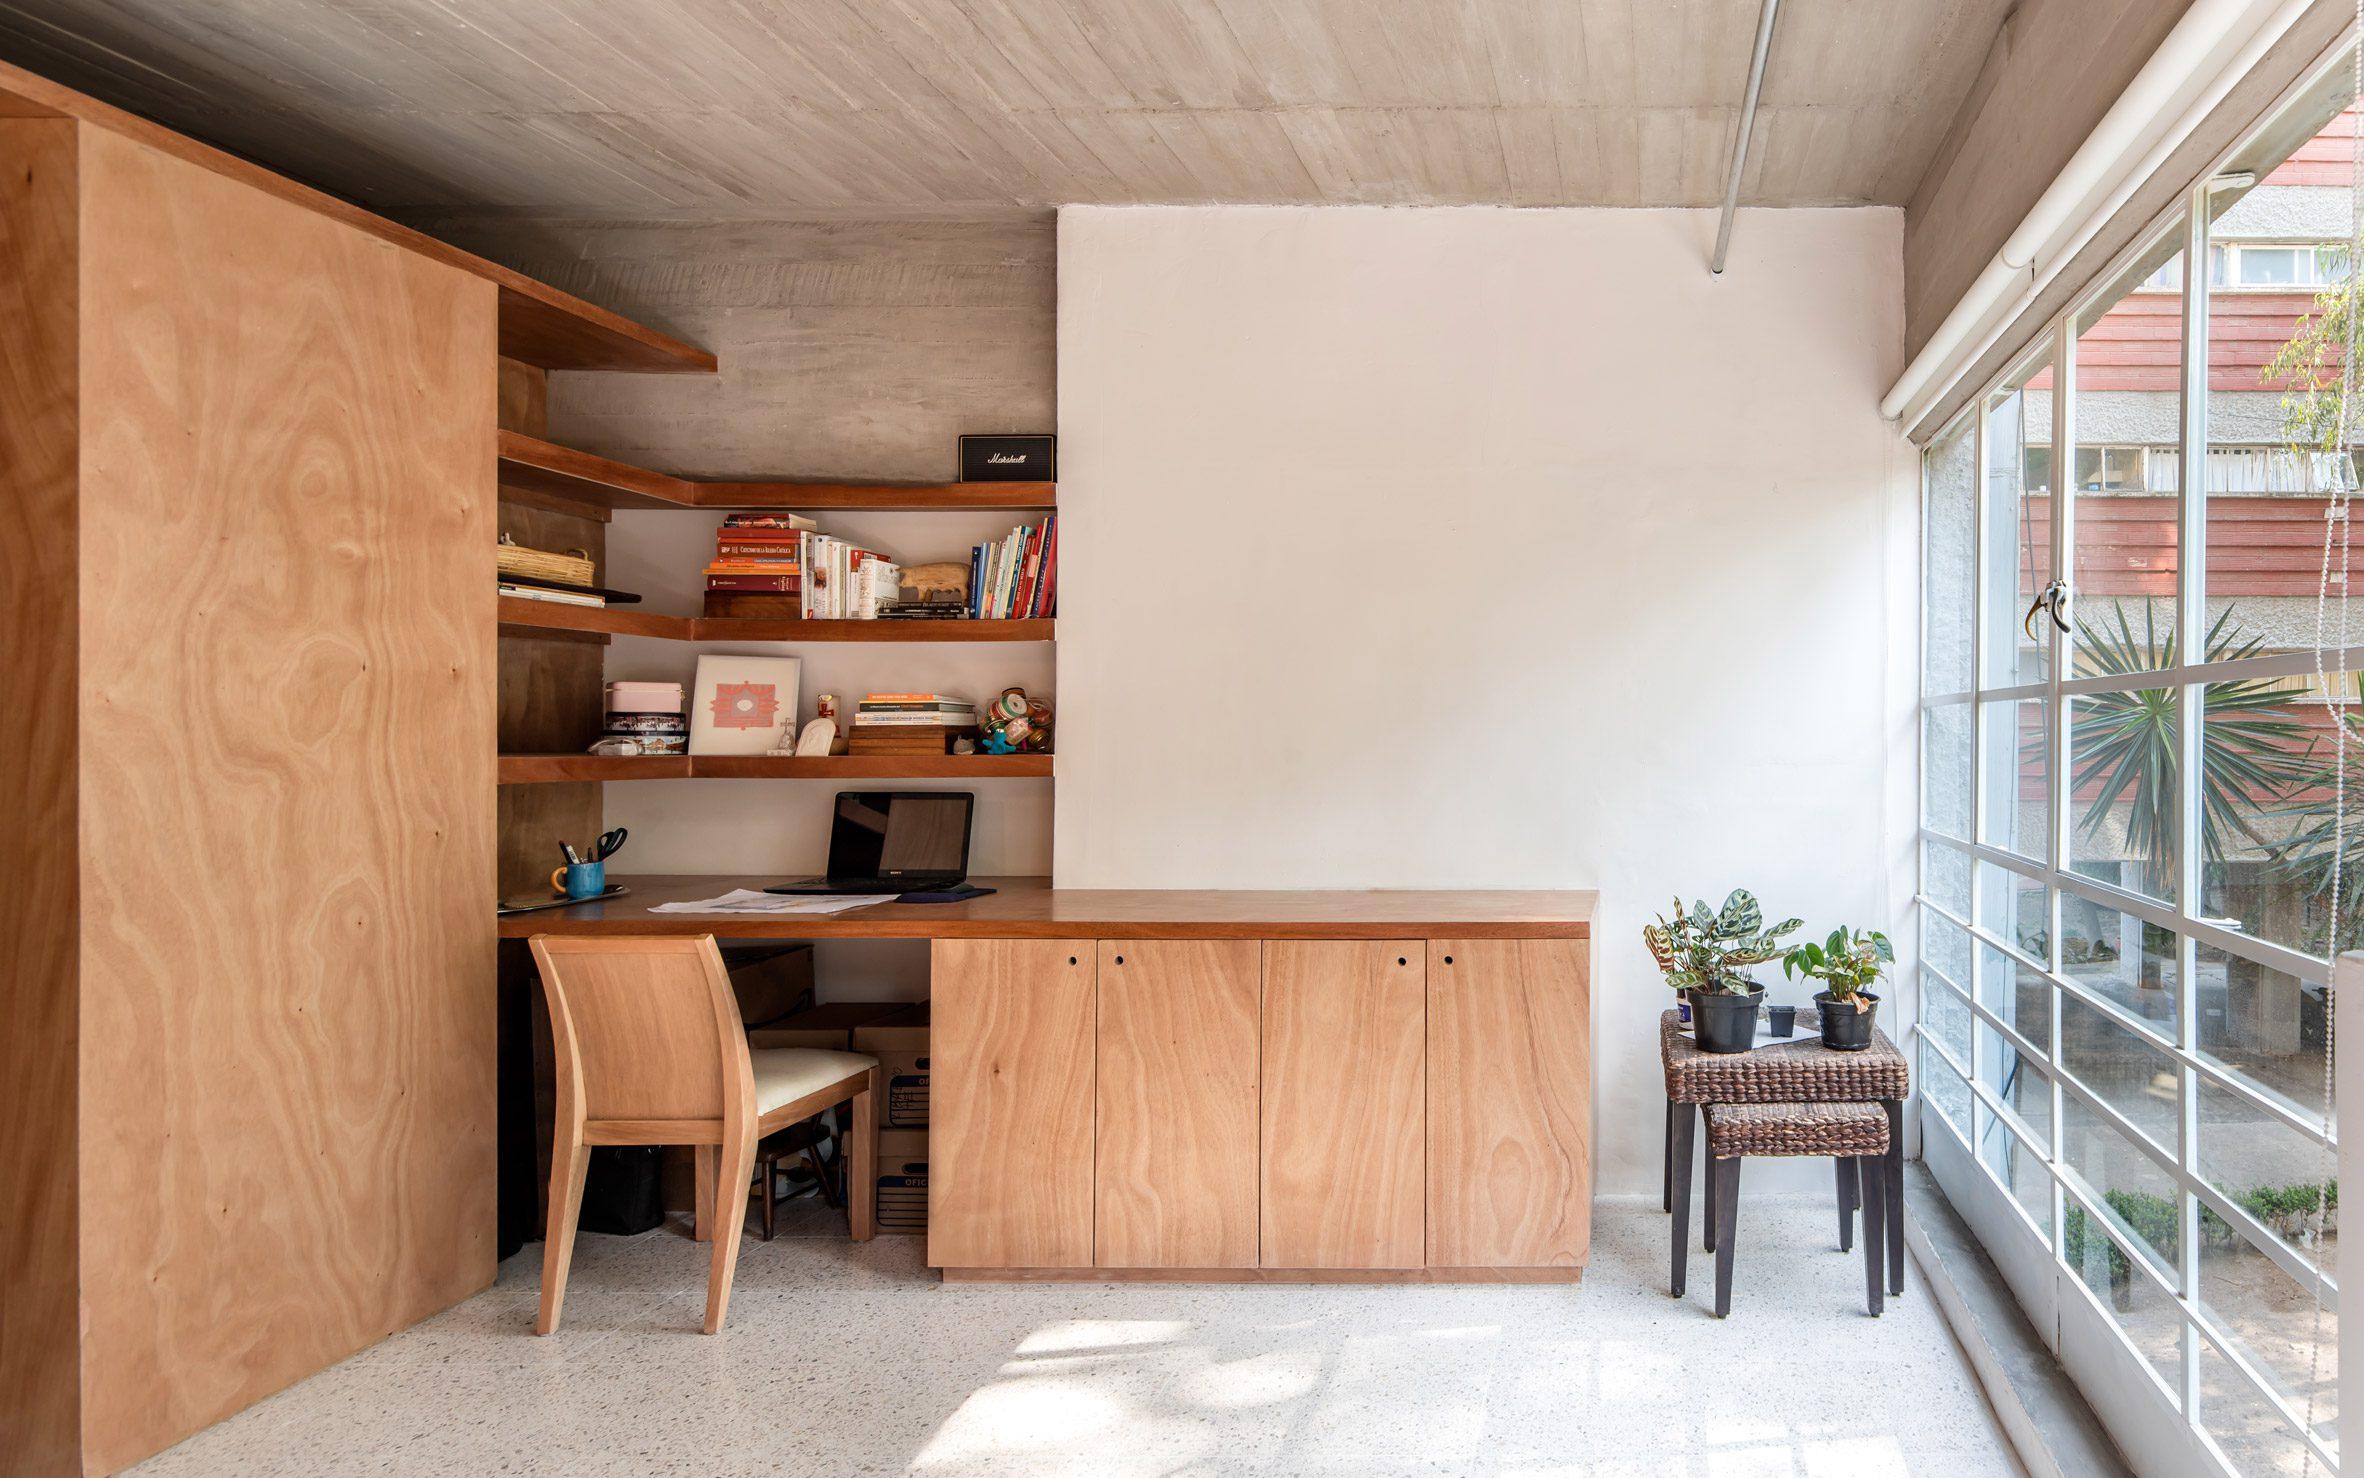 Built-in storage furniture by Escobedo Soliz